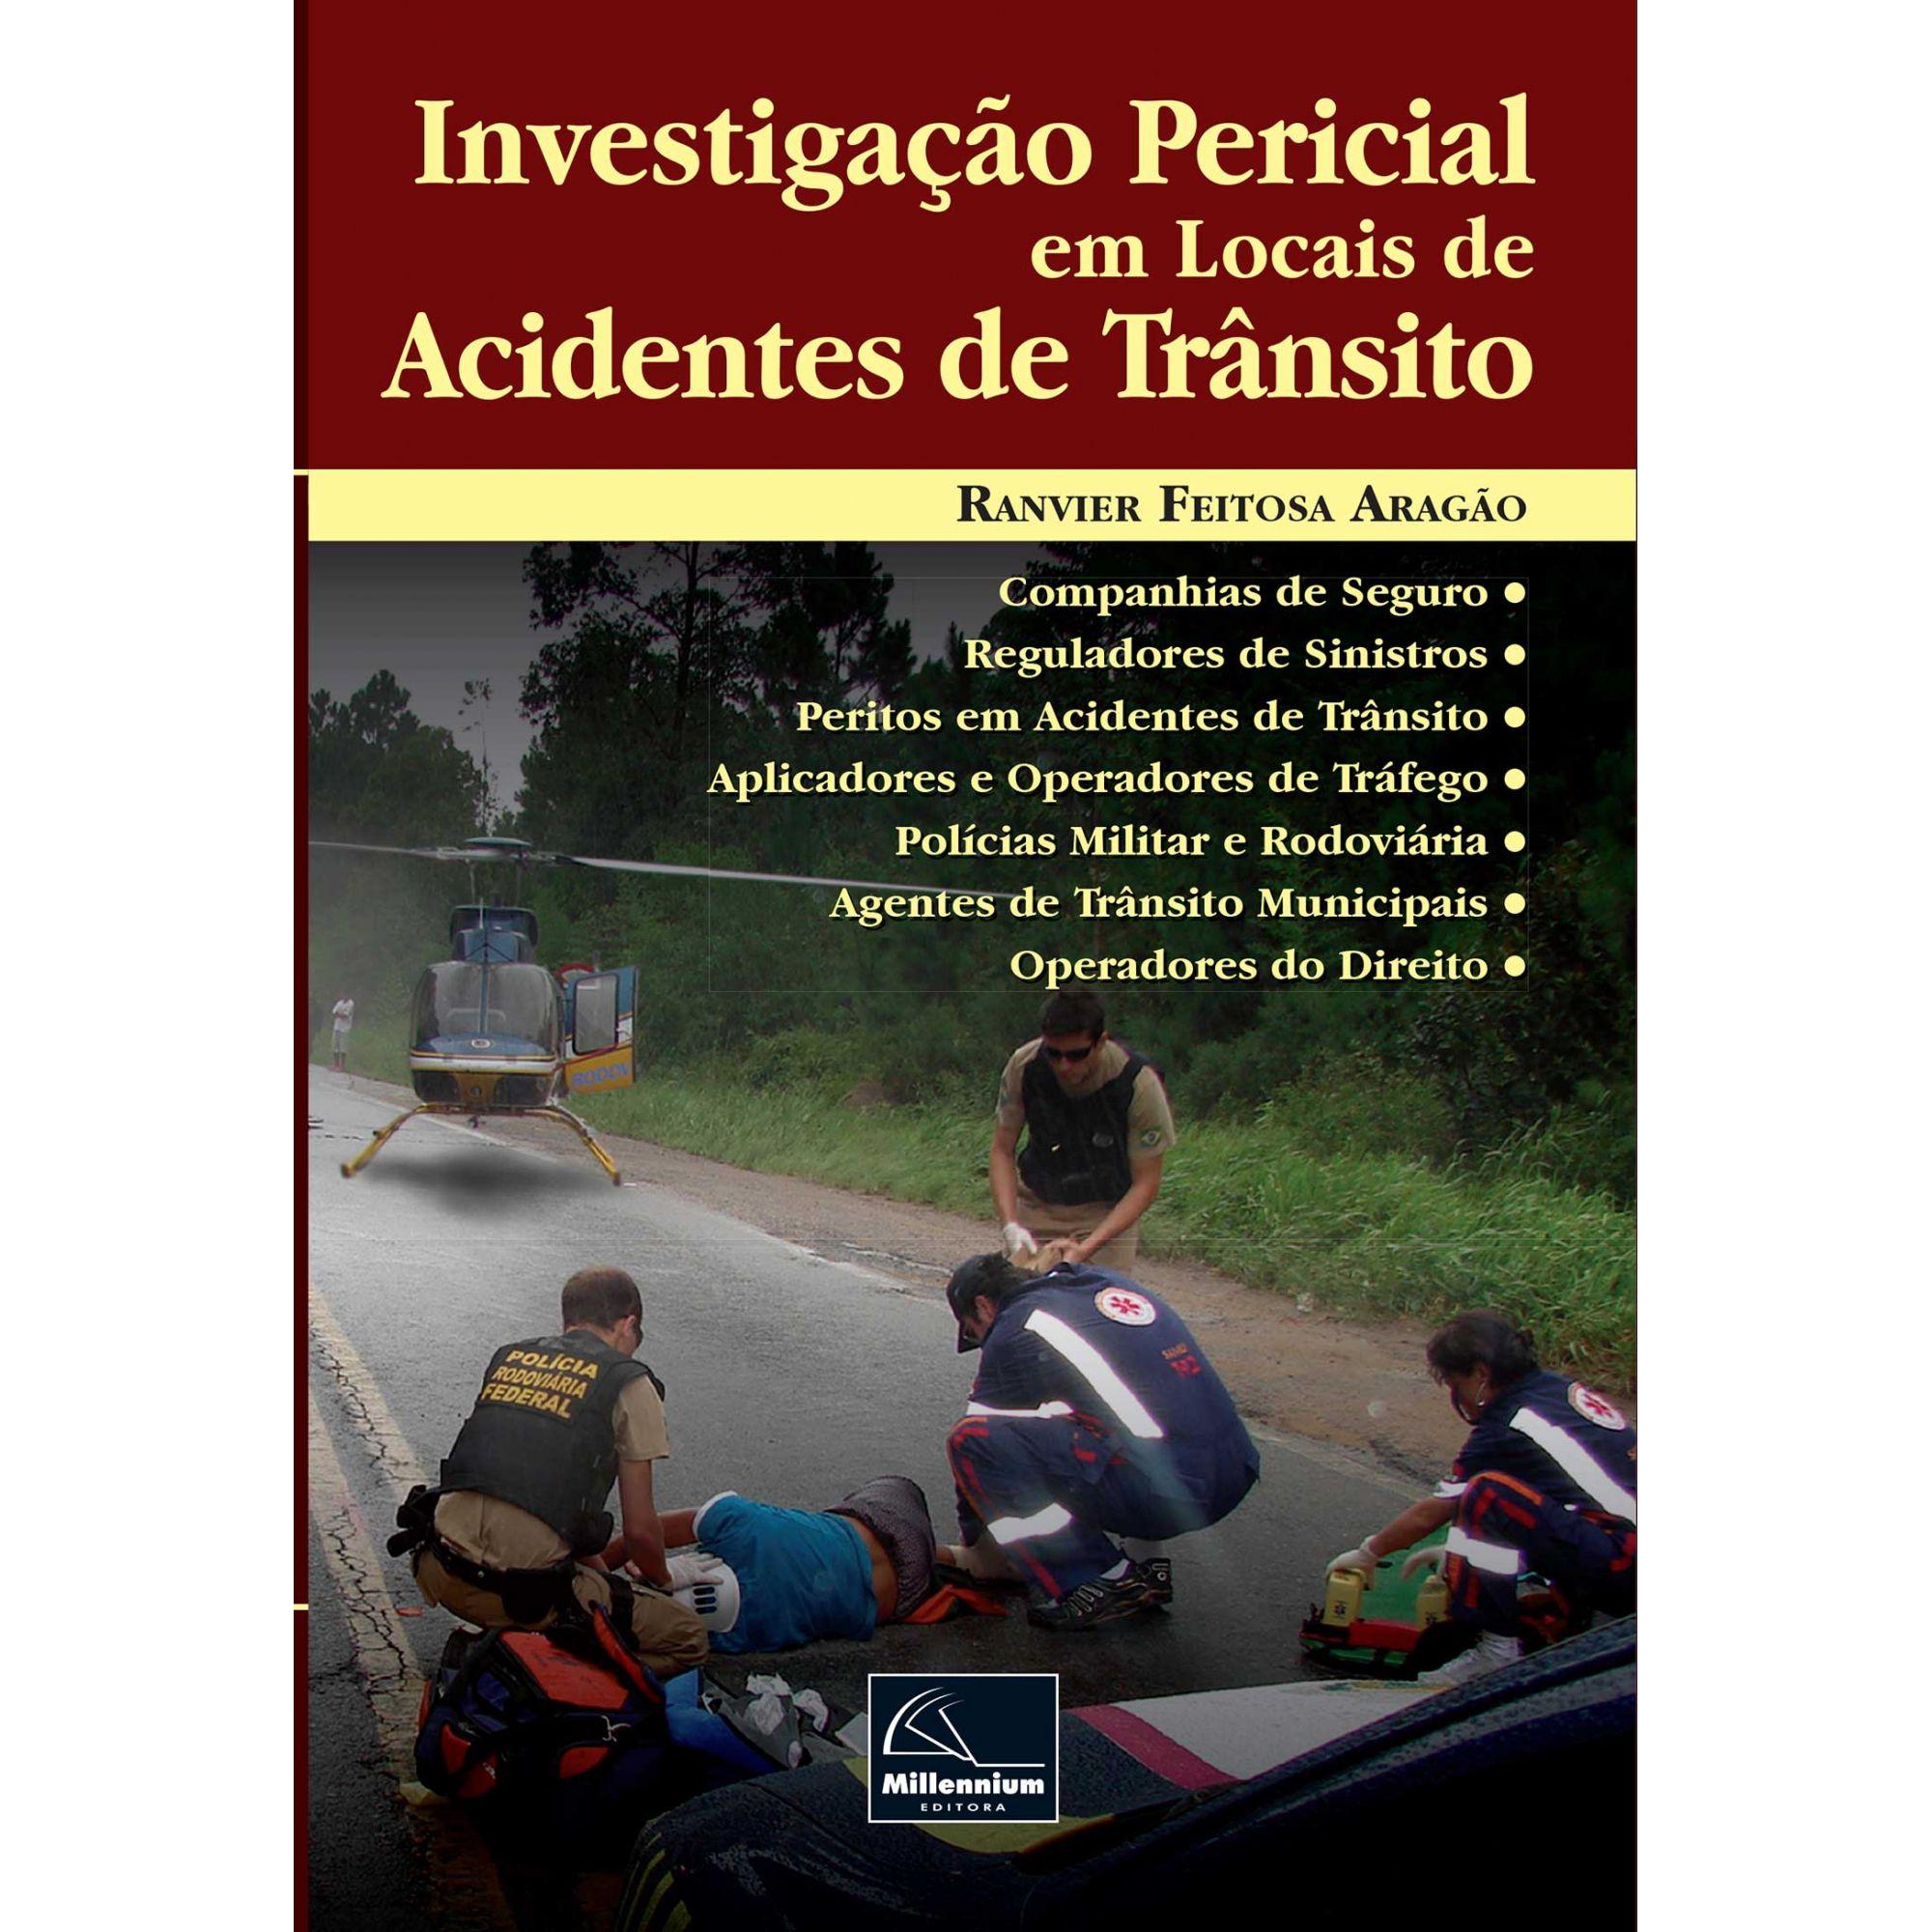 Investigação Pericial  em Locais de  Acidentes  de  Trânsito <b>Autor: Ranvier Feitosa Aragão</b>  - Millennium Editora - Livros de Perícia